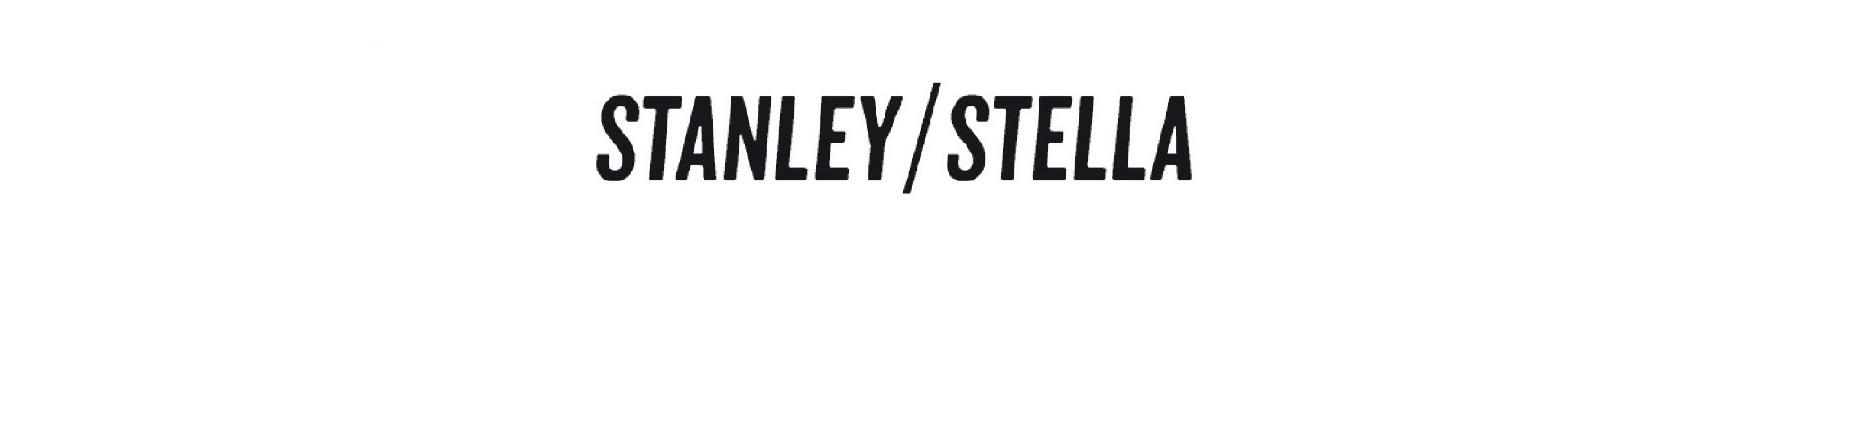 Stanley Stella | Mestenuesperso